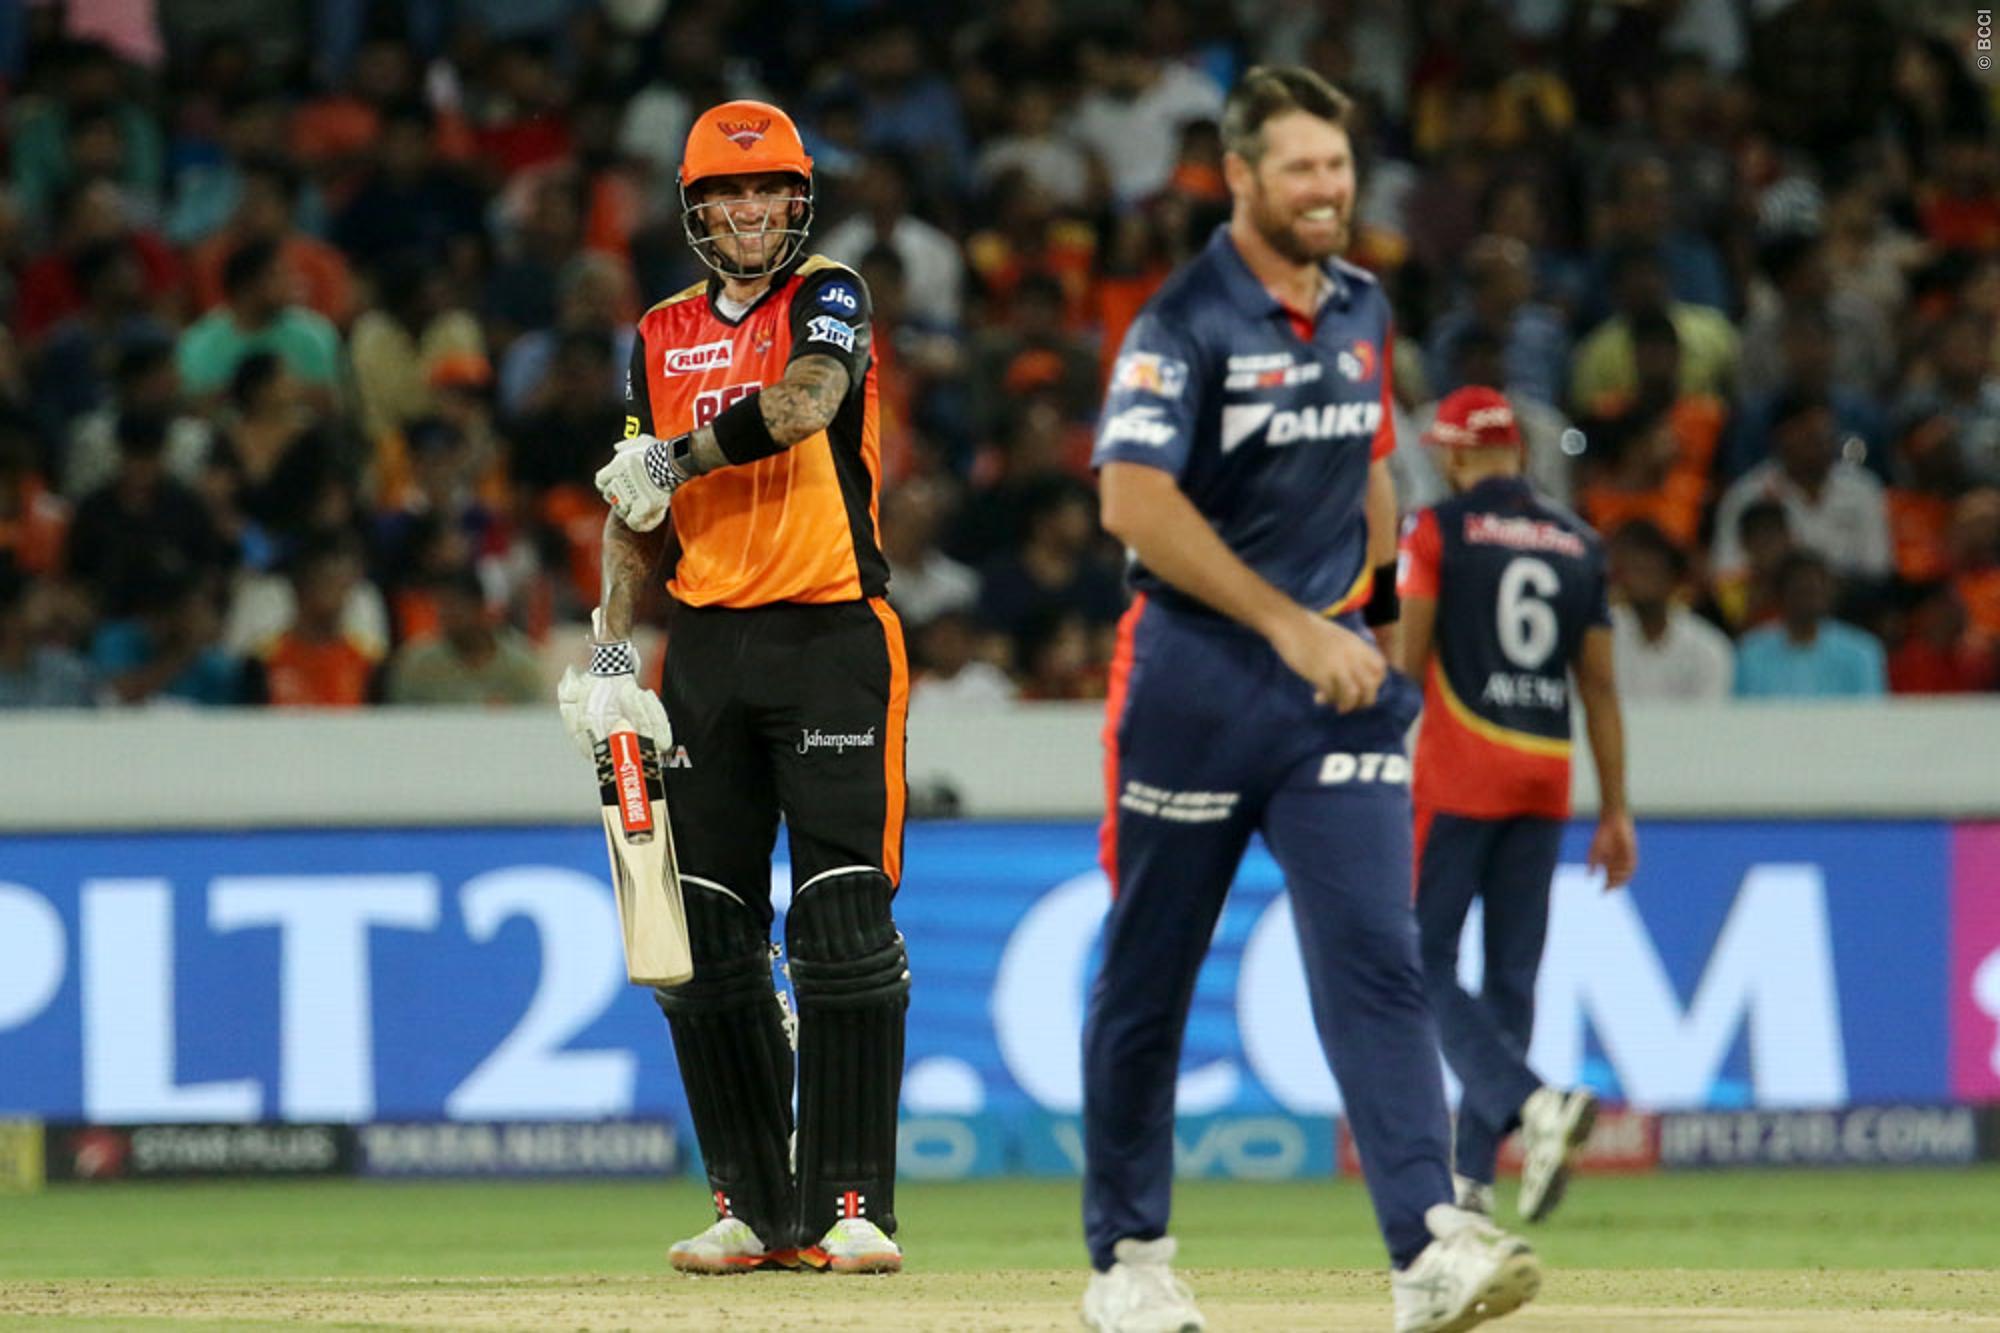 Statistical Preview: दिल्ली डेयरडेविल्स और सनराइजर्स हैदराबाद के मैच में बन सकते है ये रिकॉर्ड, सिर्फ आठ गेंद डालते ही अमित मिश्रा रच देंगे इतिहास